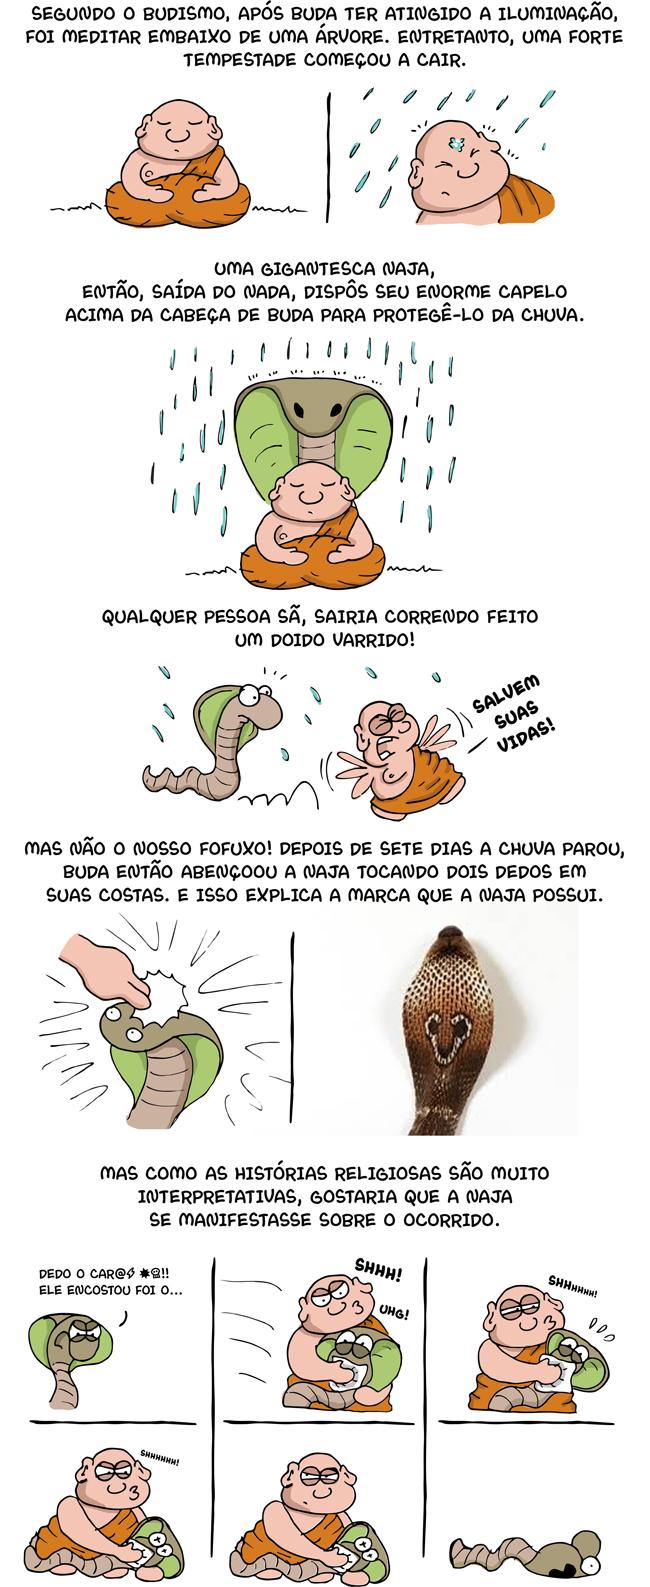 1377 – A explicação religiosa da cobra naja